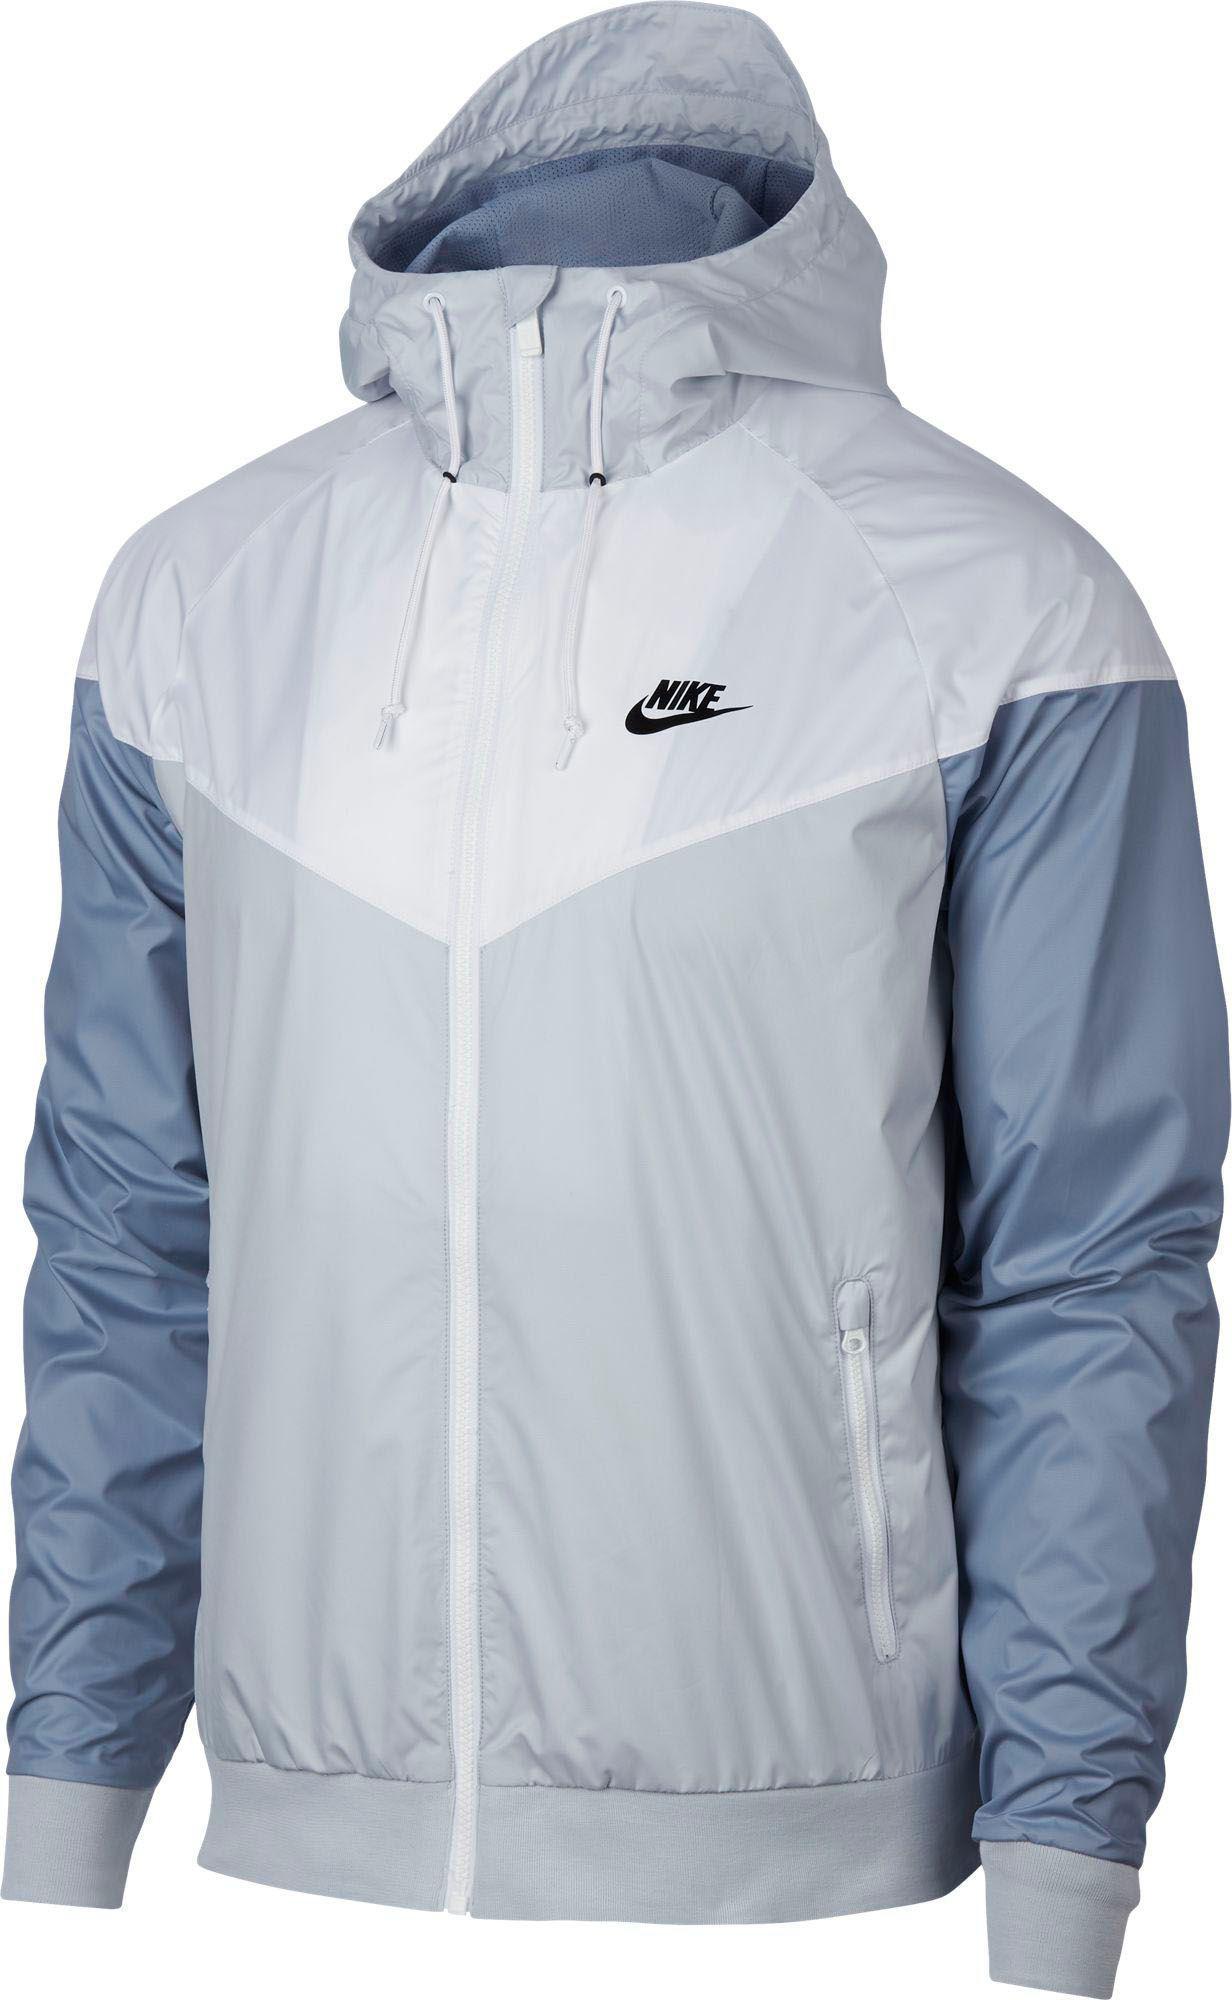 Lyst - Nike Windrunner Full Zip Jacket in White for Men 4486219bf